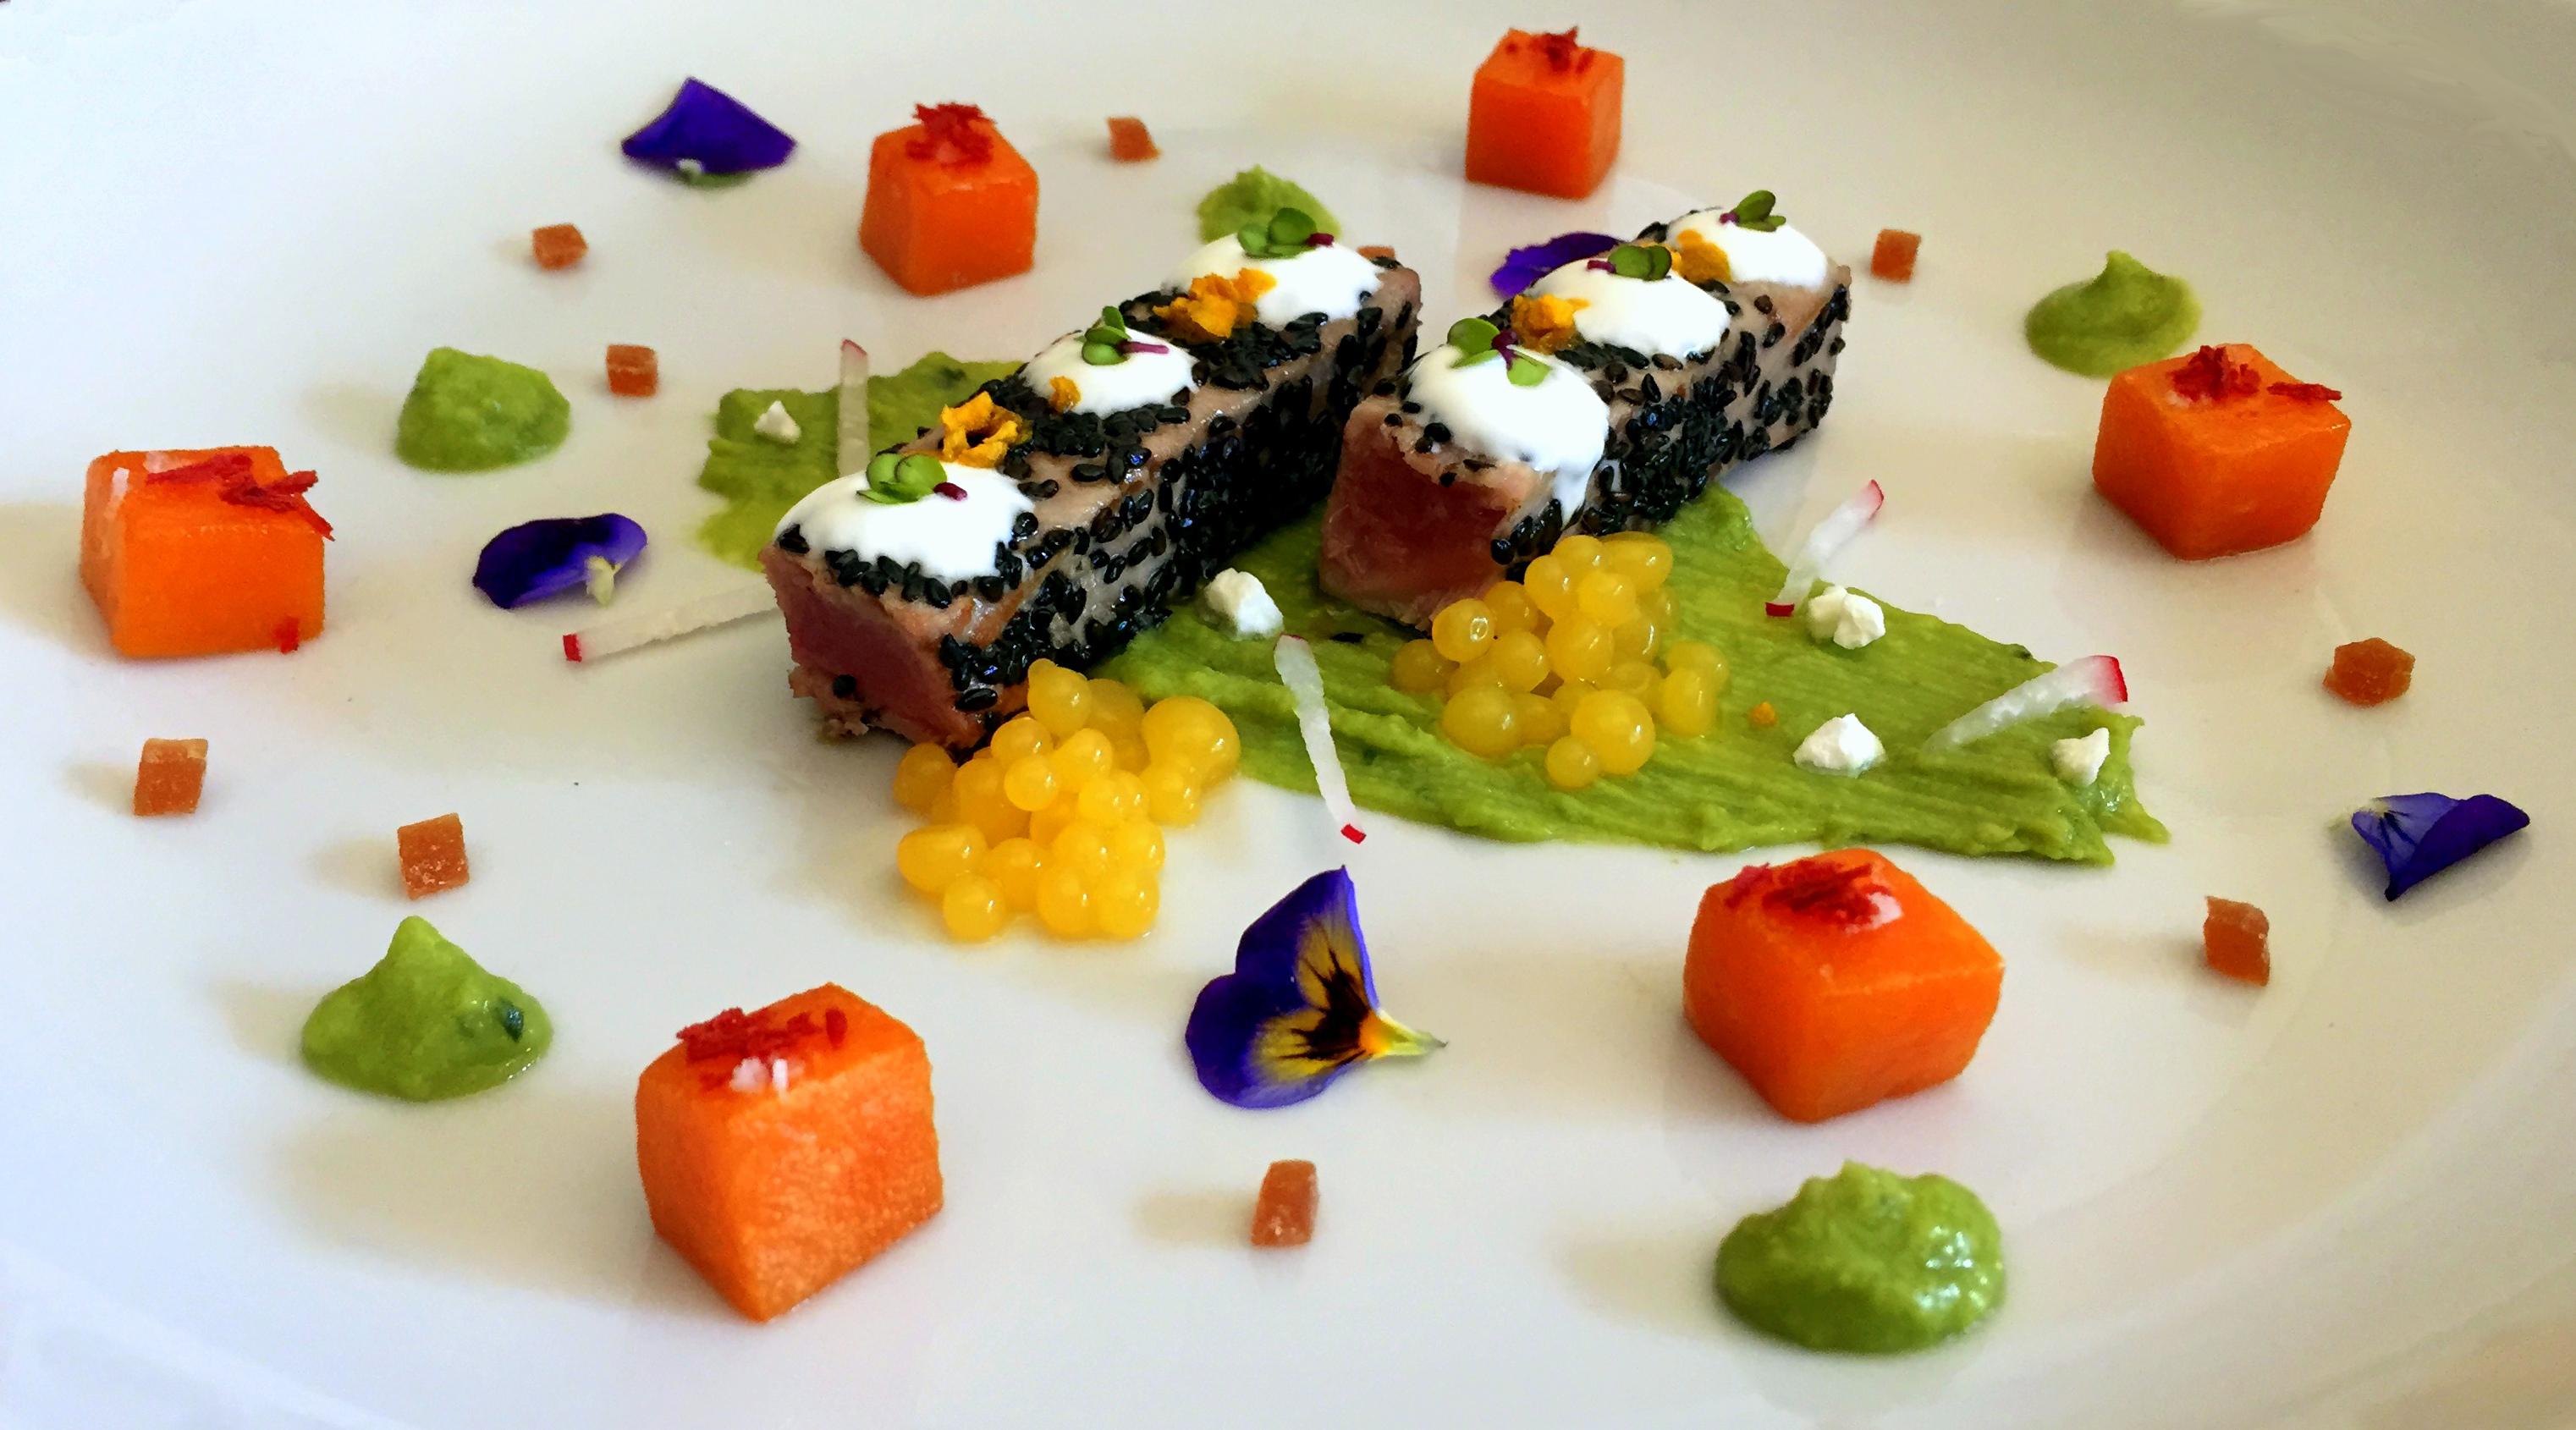 Lingotes de atún rojo con guacamole, calabaza confitada y caviar de mango